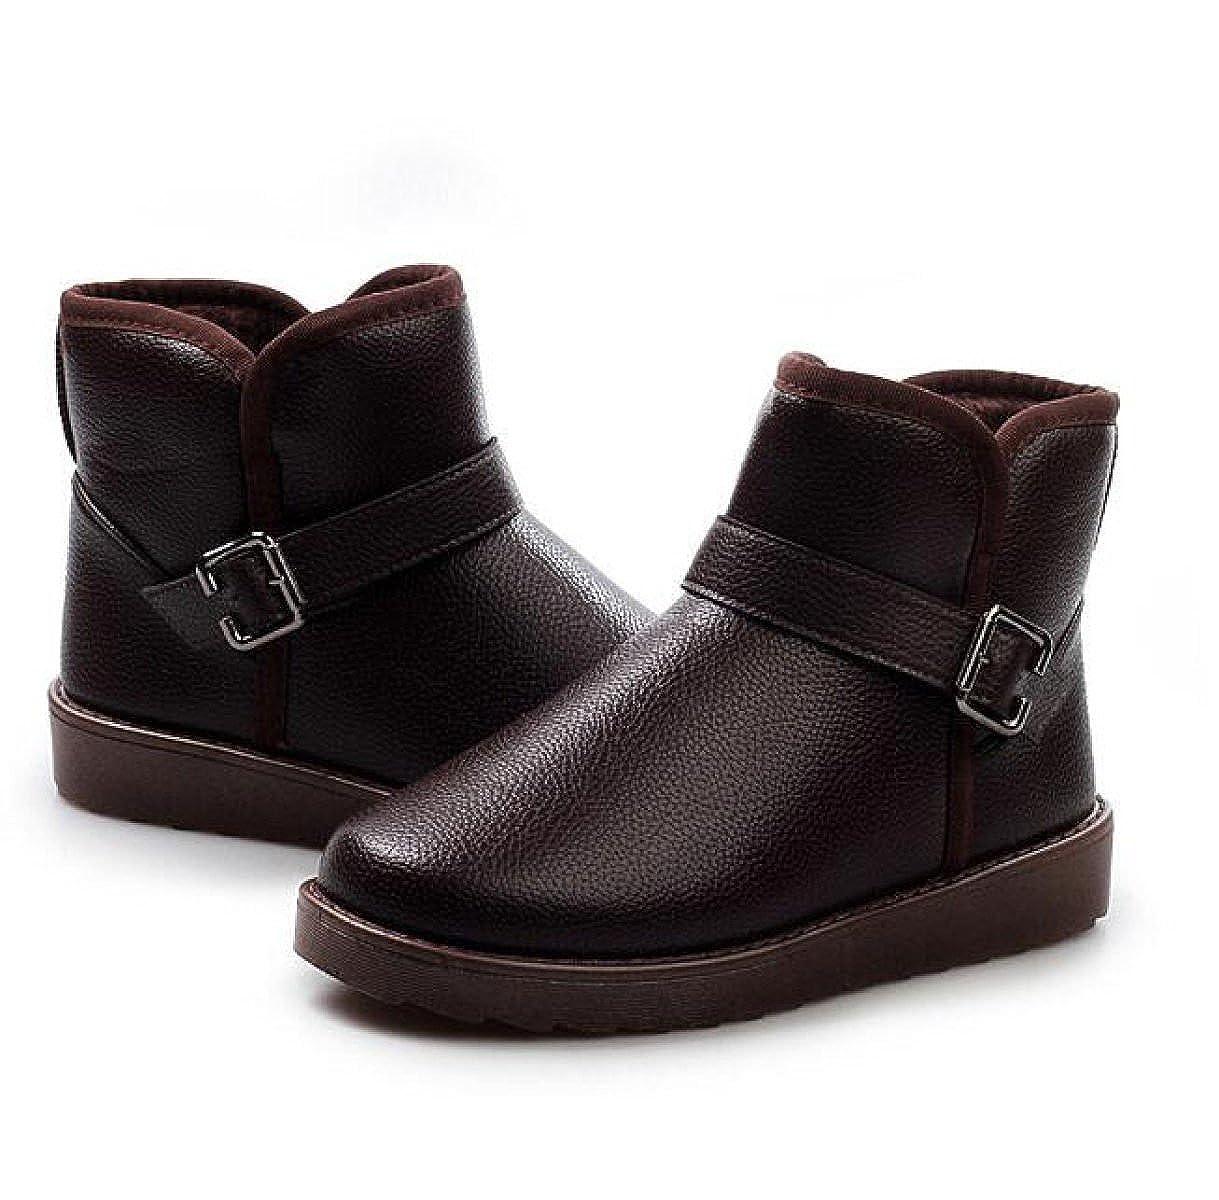 ba0f204af803 ... Winter Mode Plus Kaschmir Warm Füße Schneeschuhe Koreanische Version  Männer Füße Warm Freizeit Baumwollschuhe Männer ...